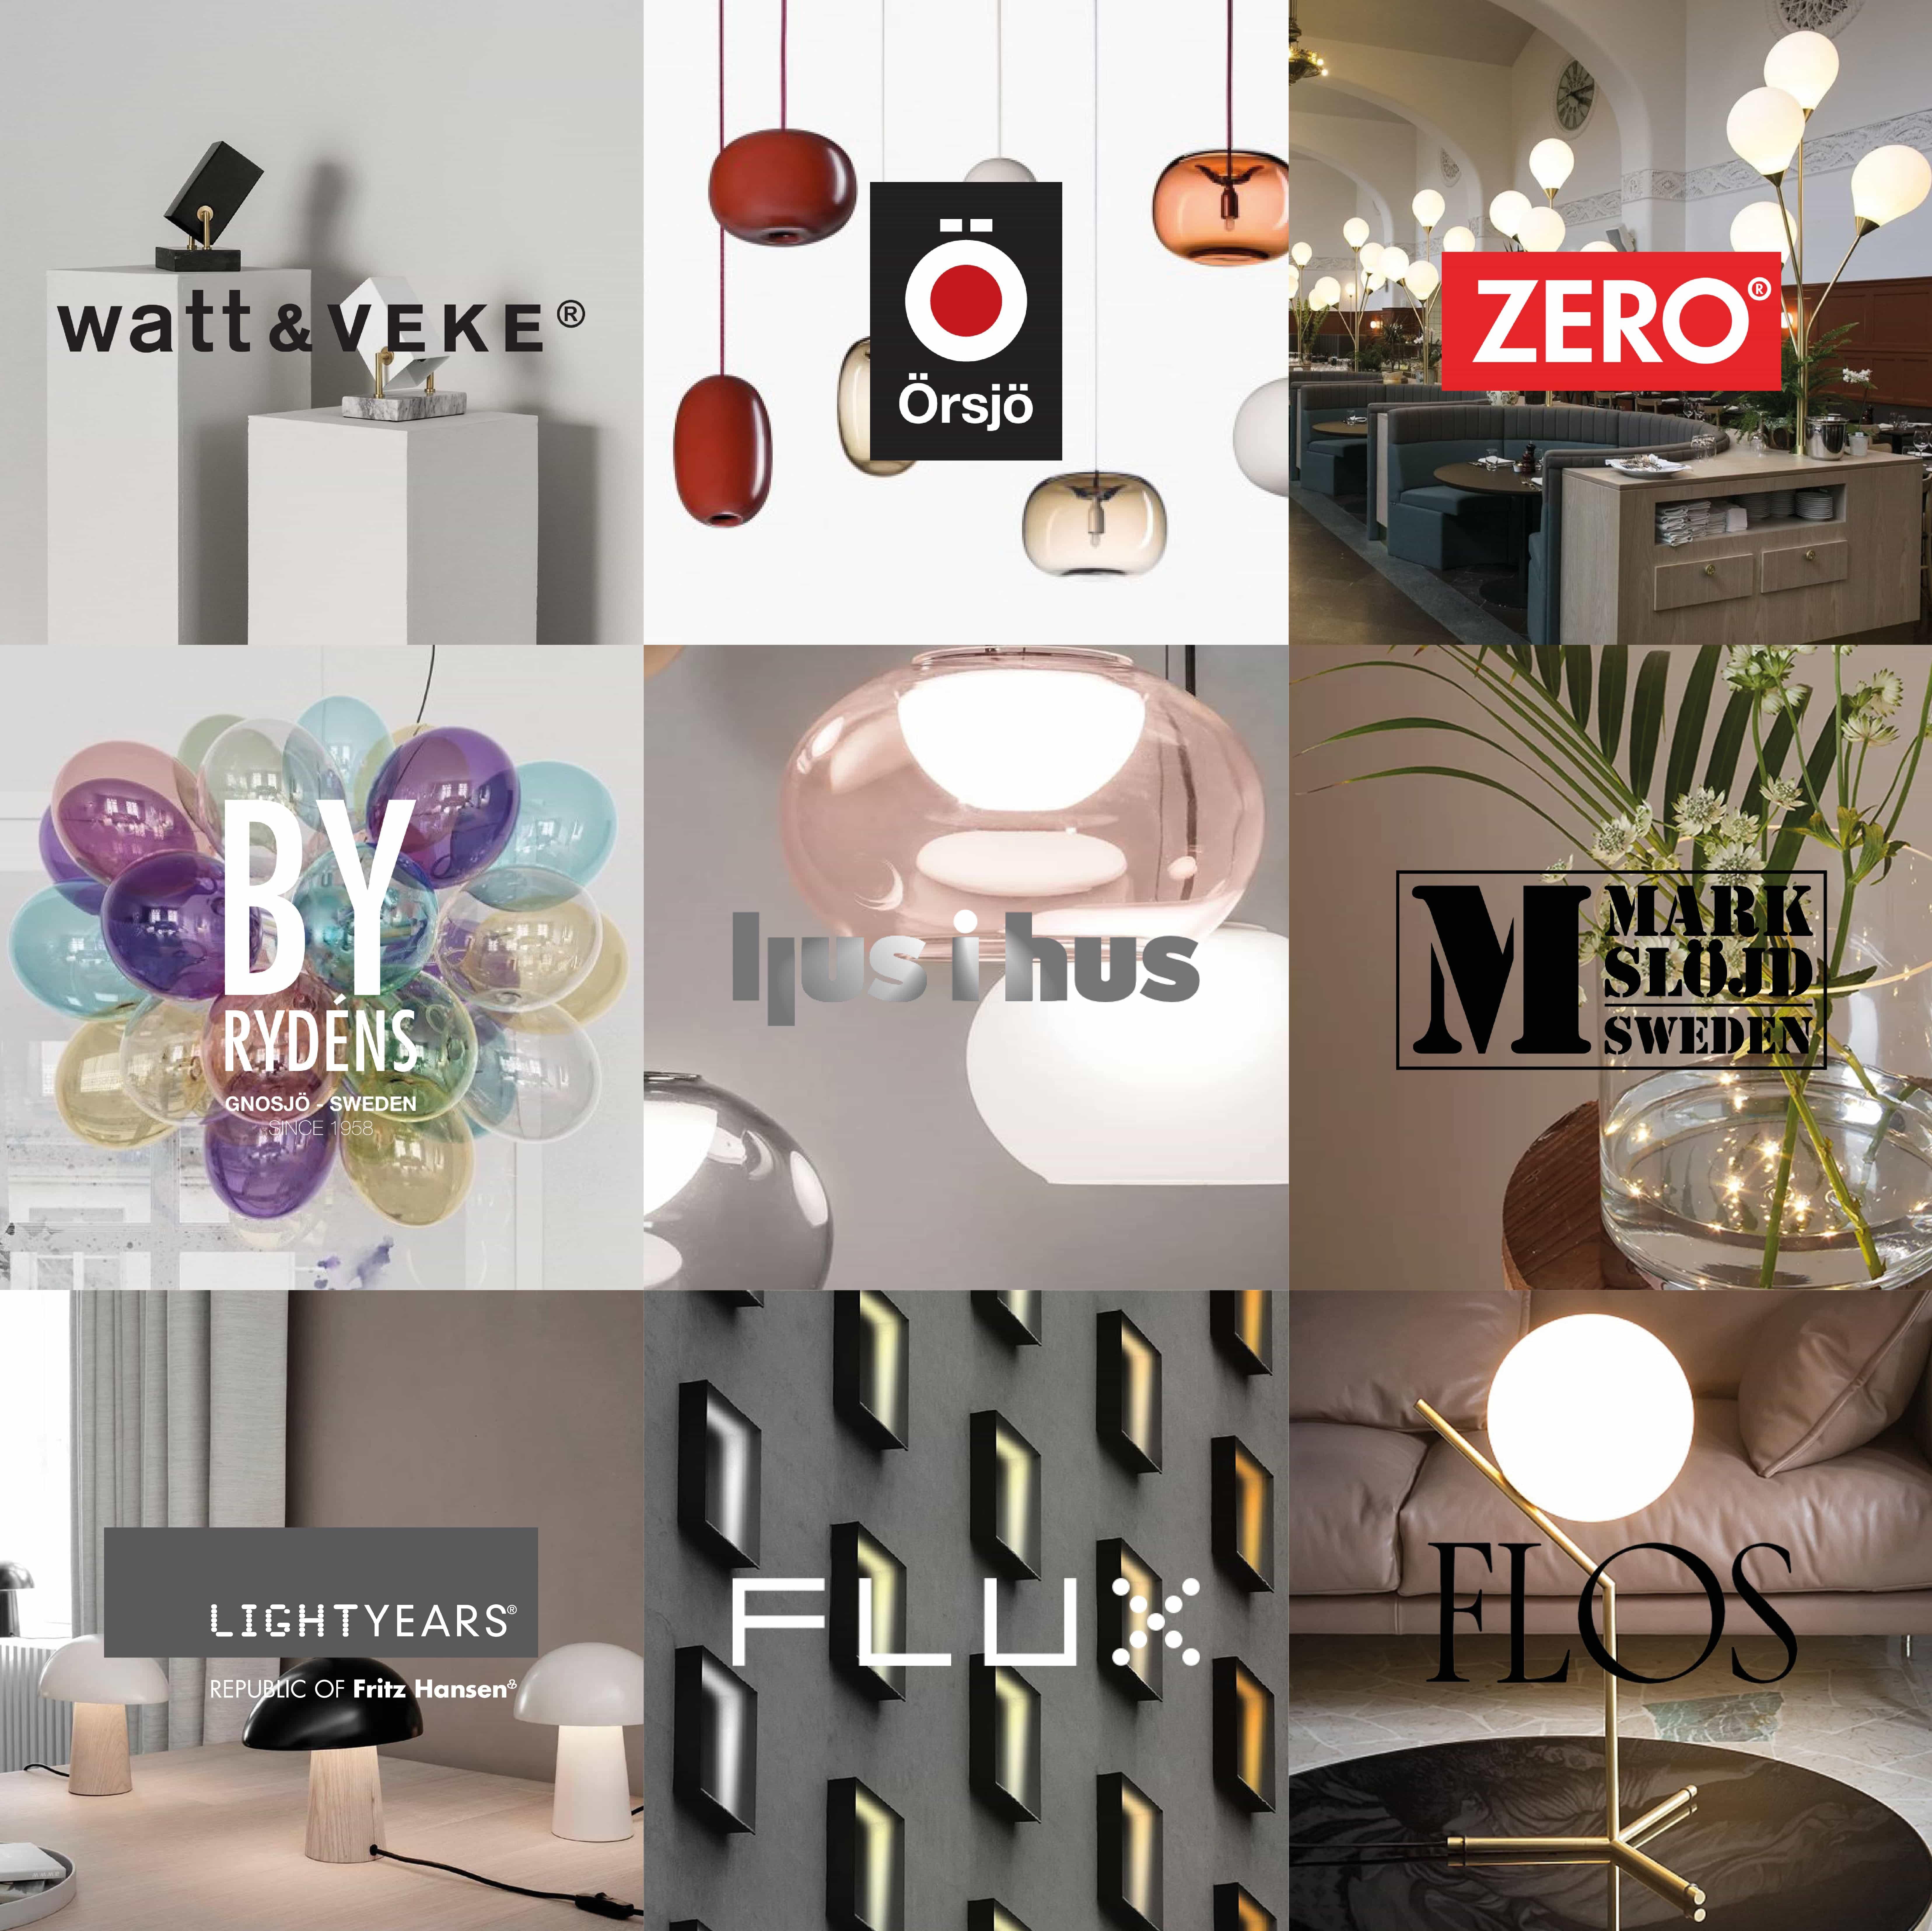 belysning och lampor från varumärken vi erbjuder